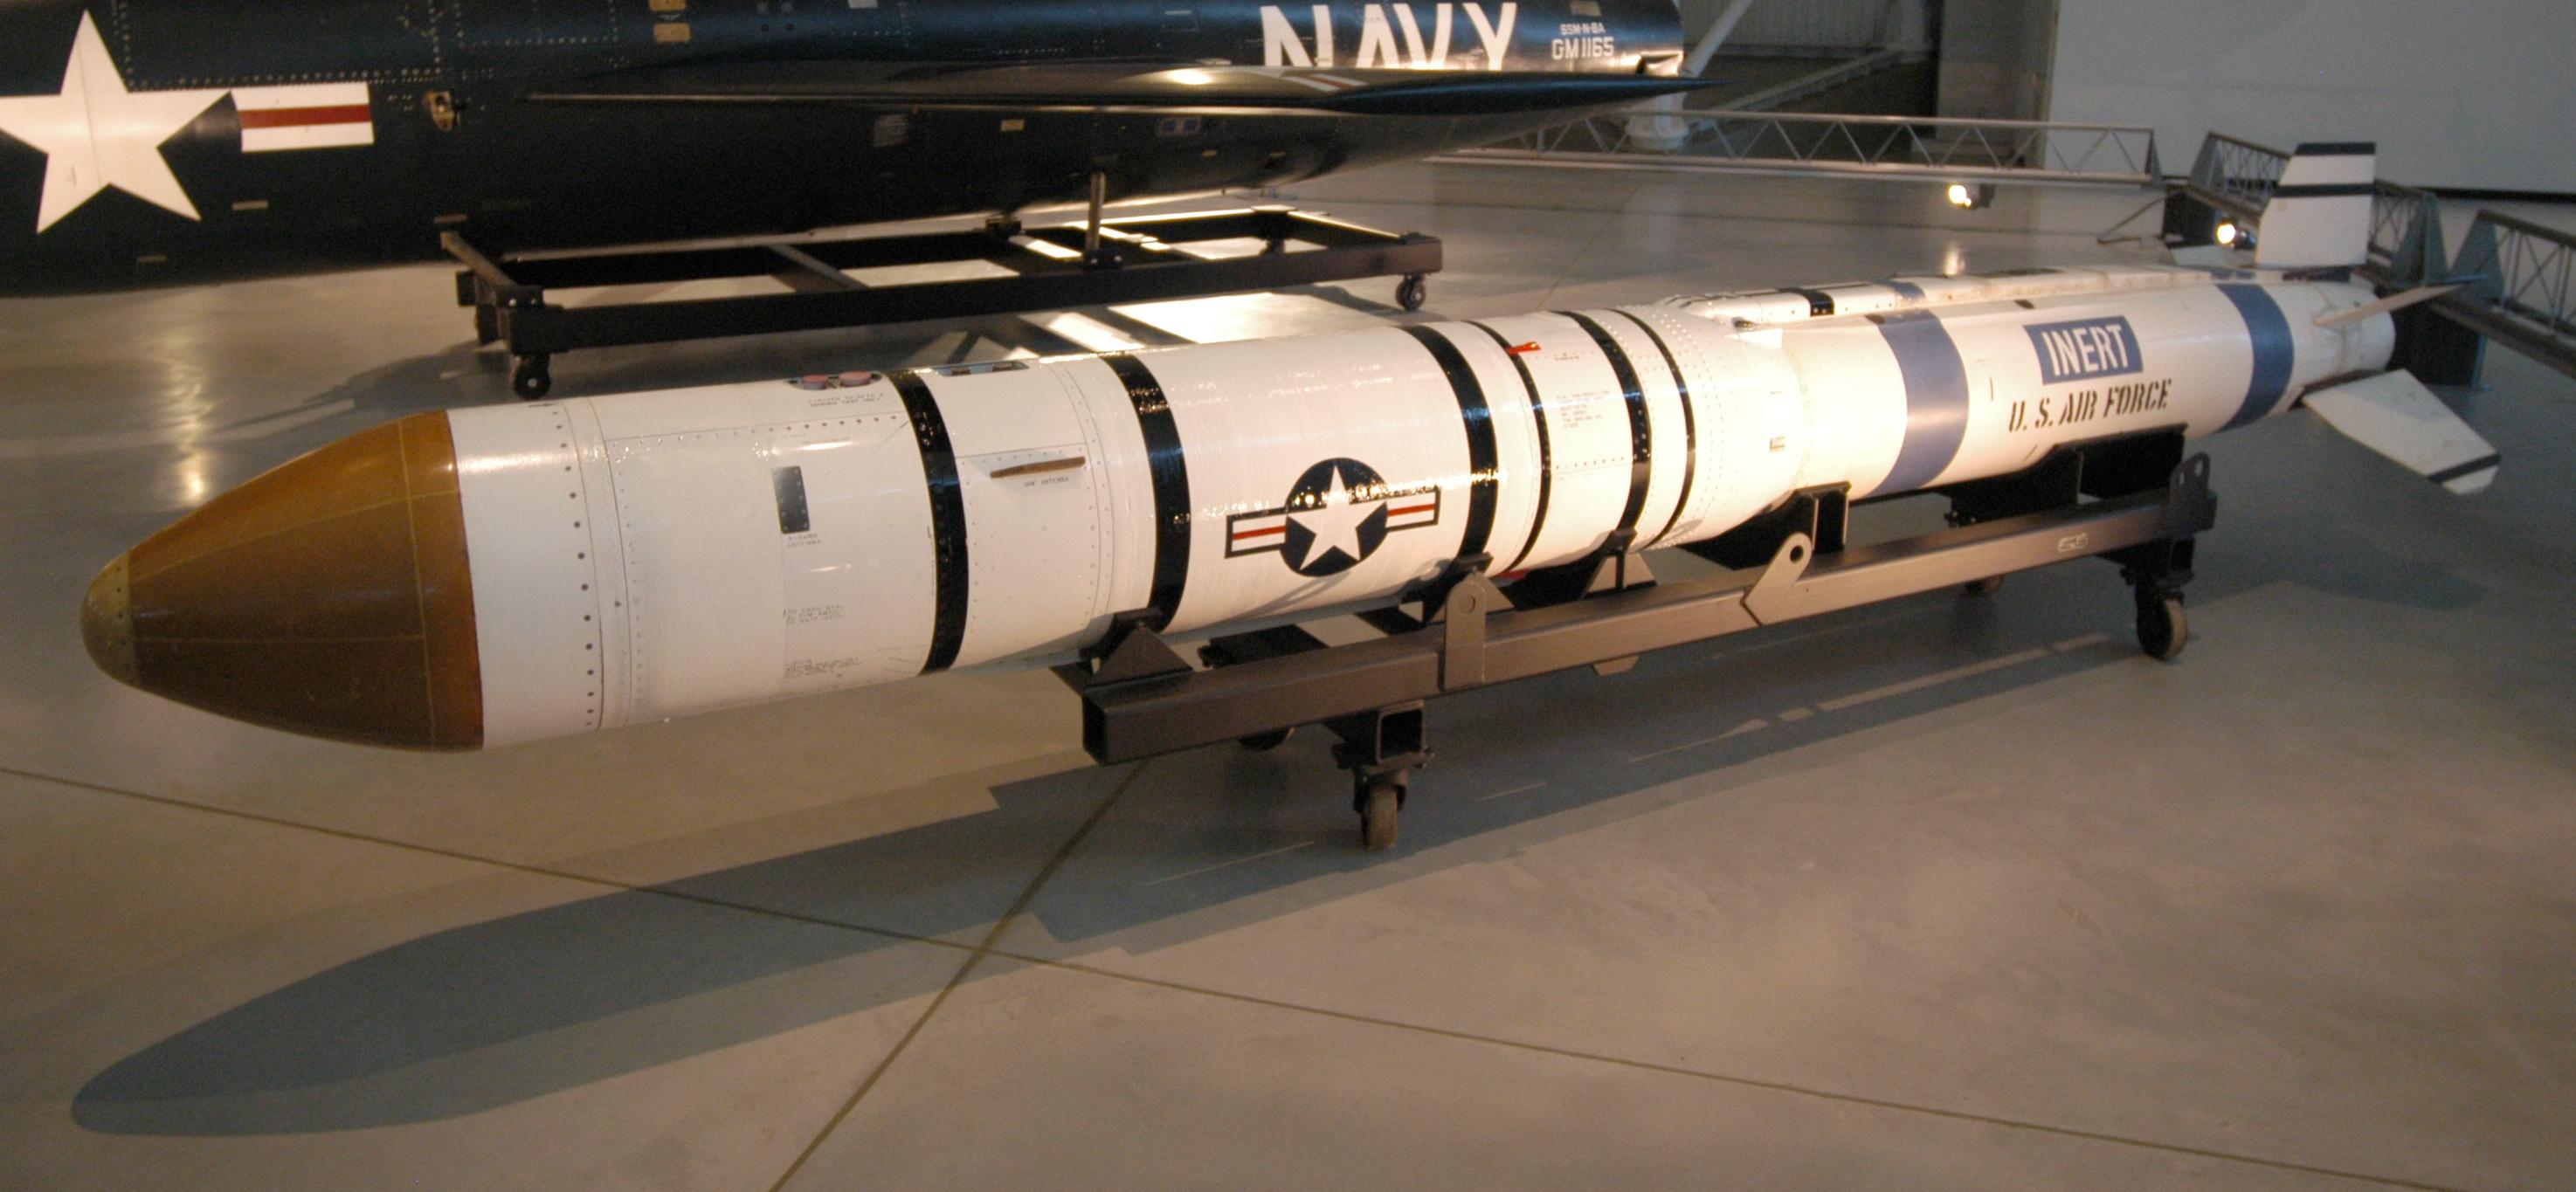 Asat missile 20040710 150339 1.4.jpg